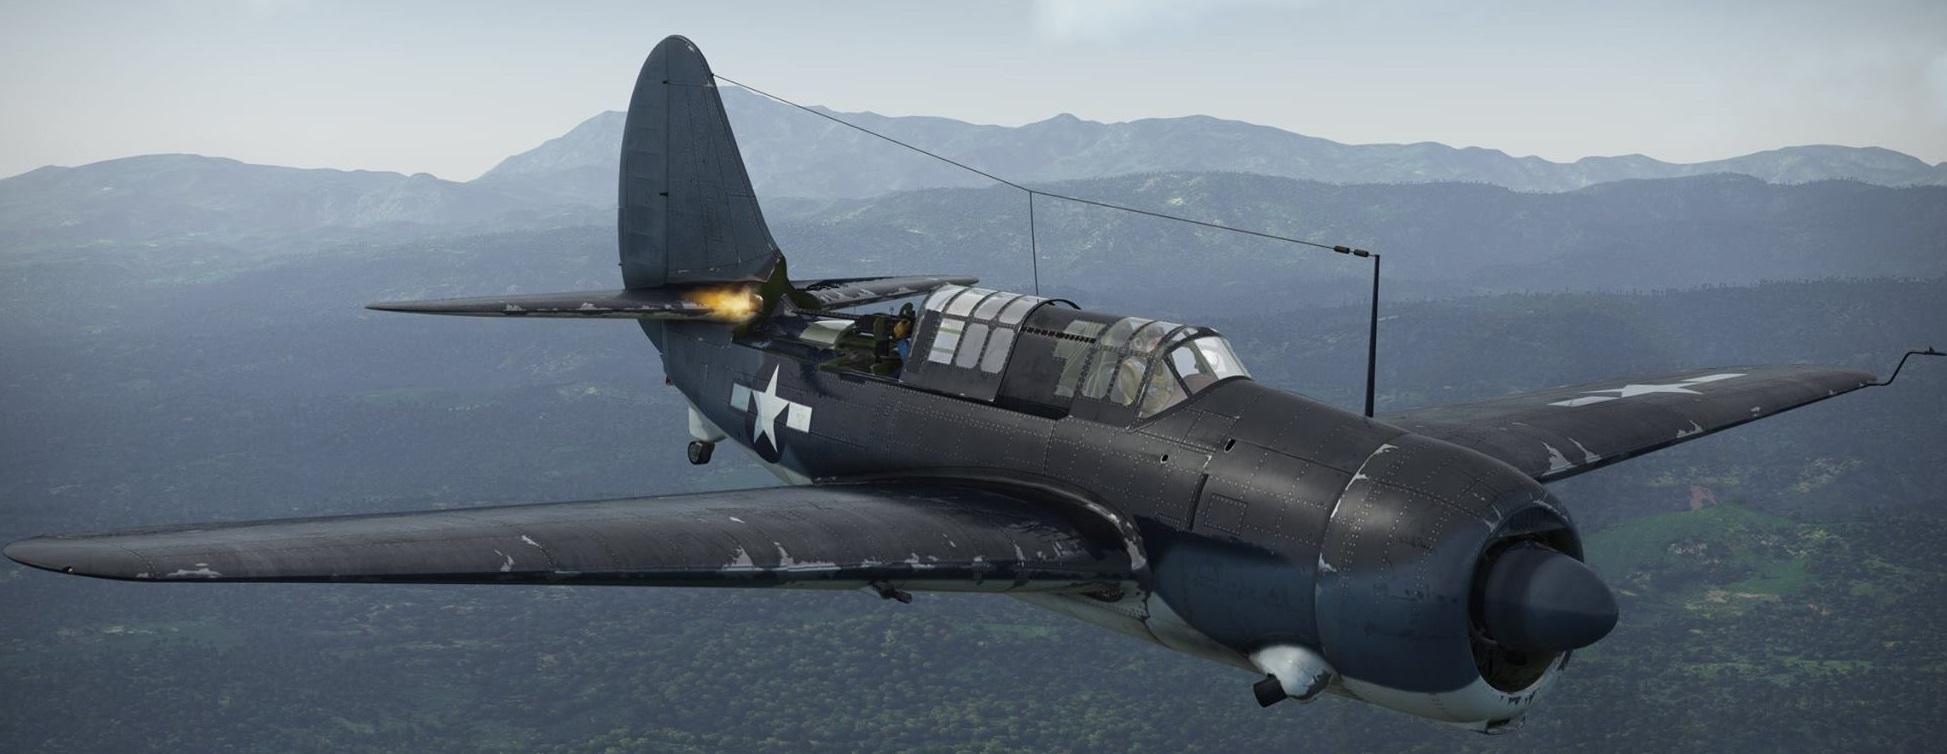 SB2C-1c - War Thunder Wiki*